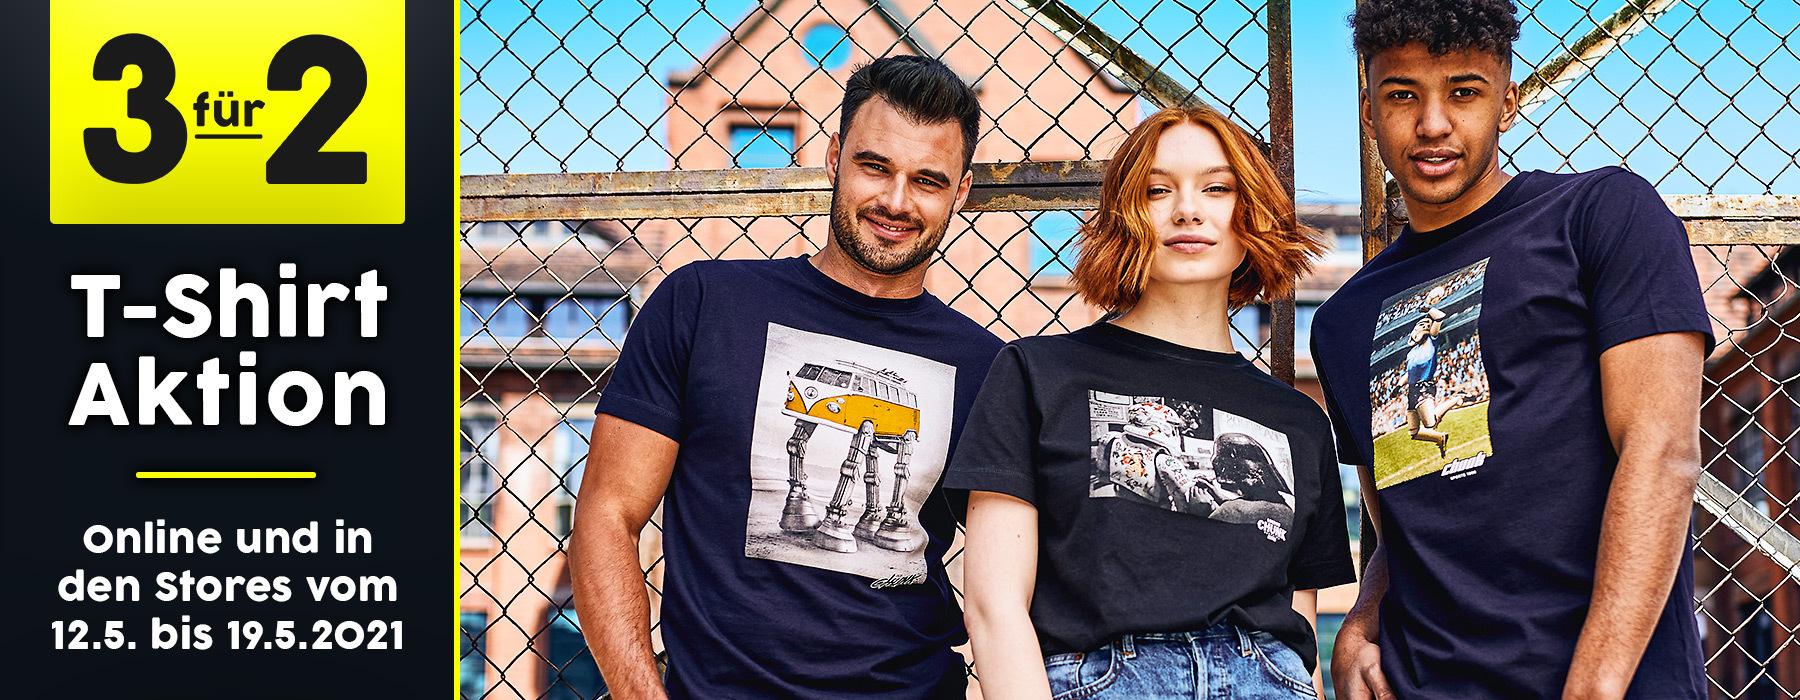 3 für 2 Shirt Aktion